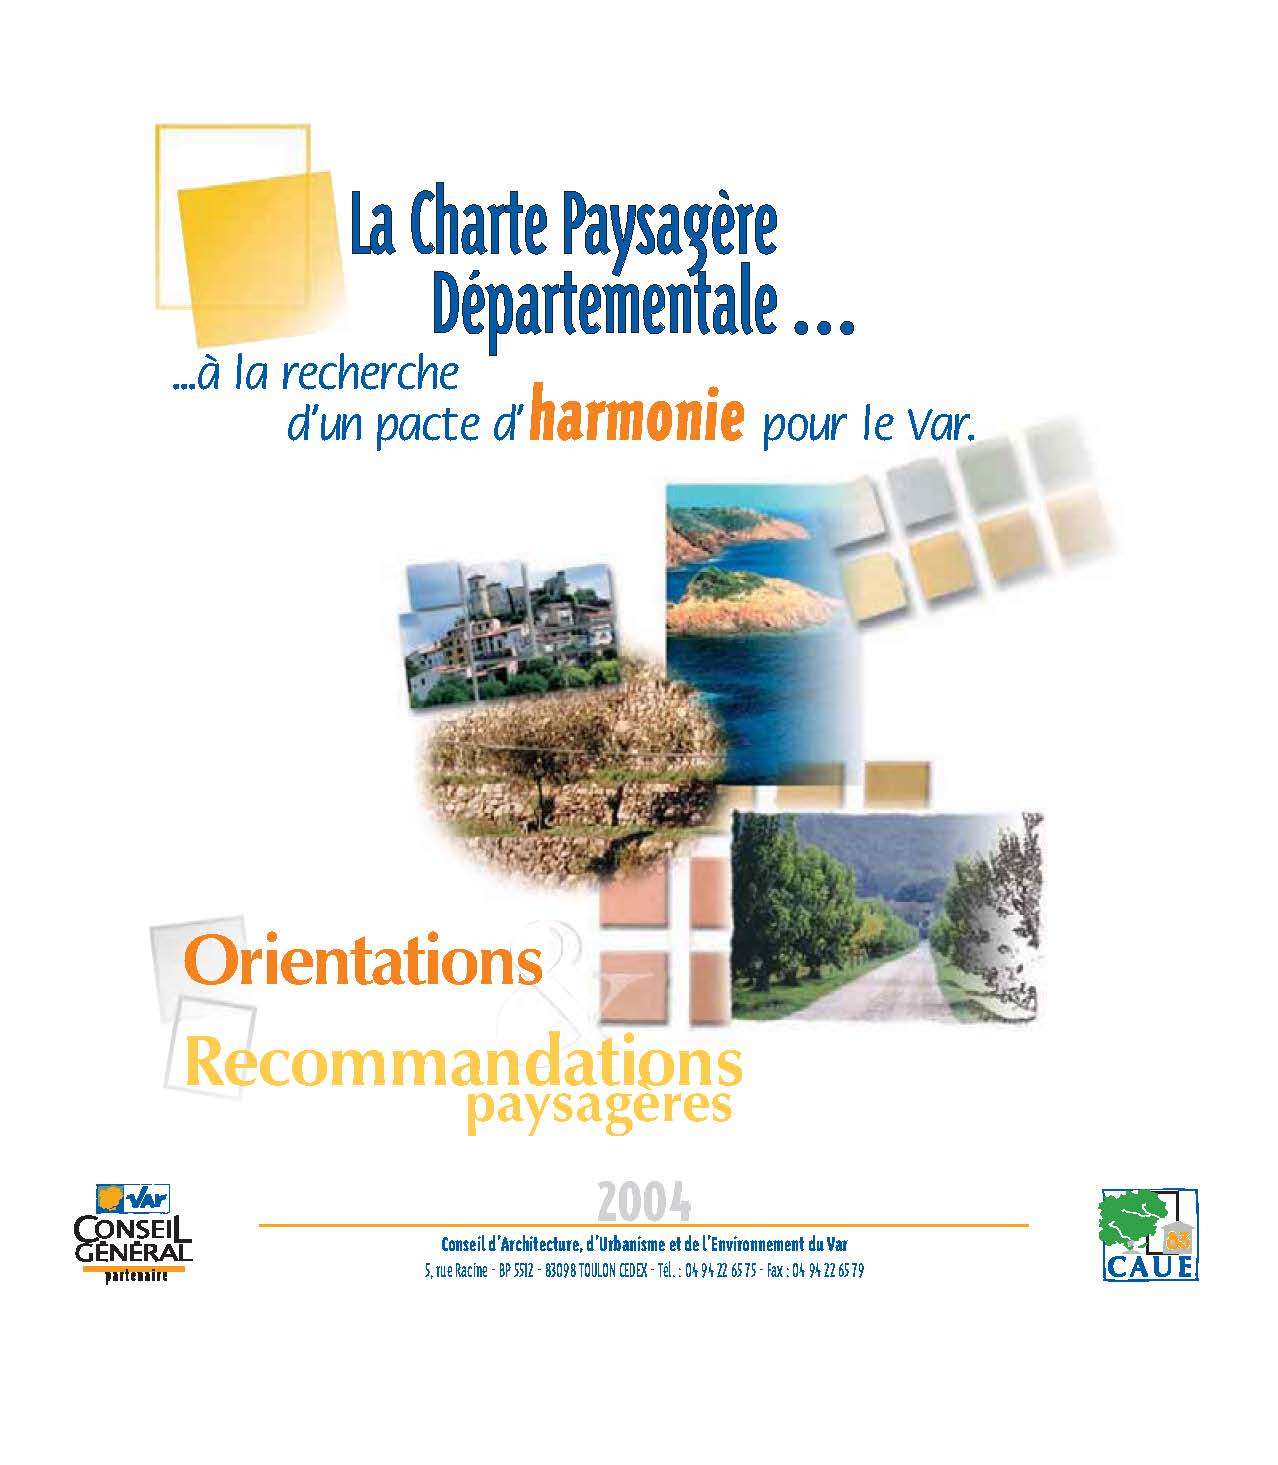 La charte paysagère départementale...